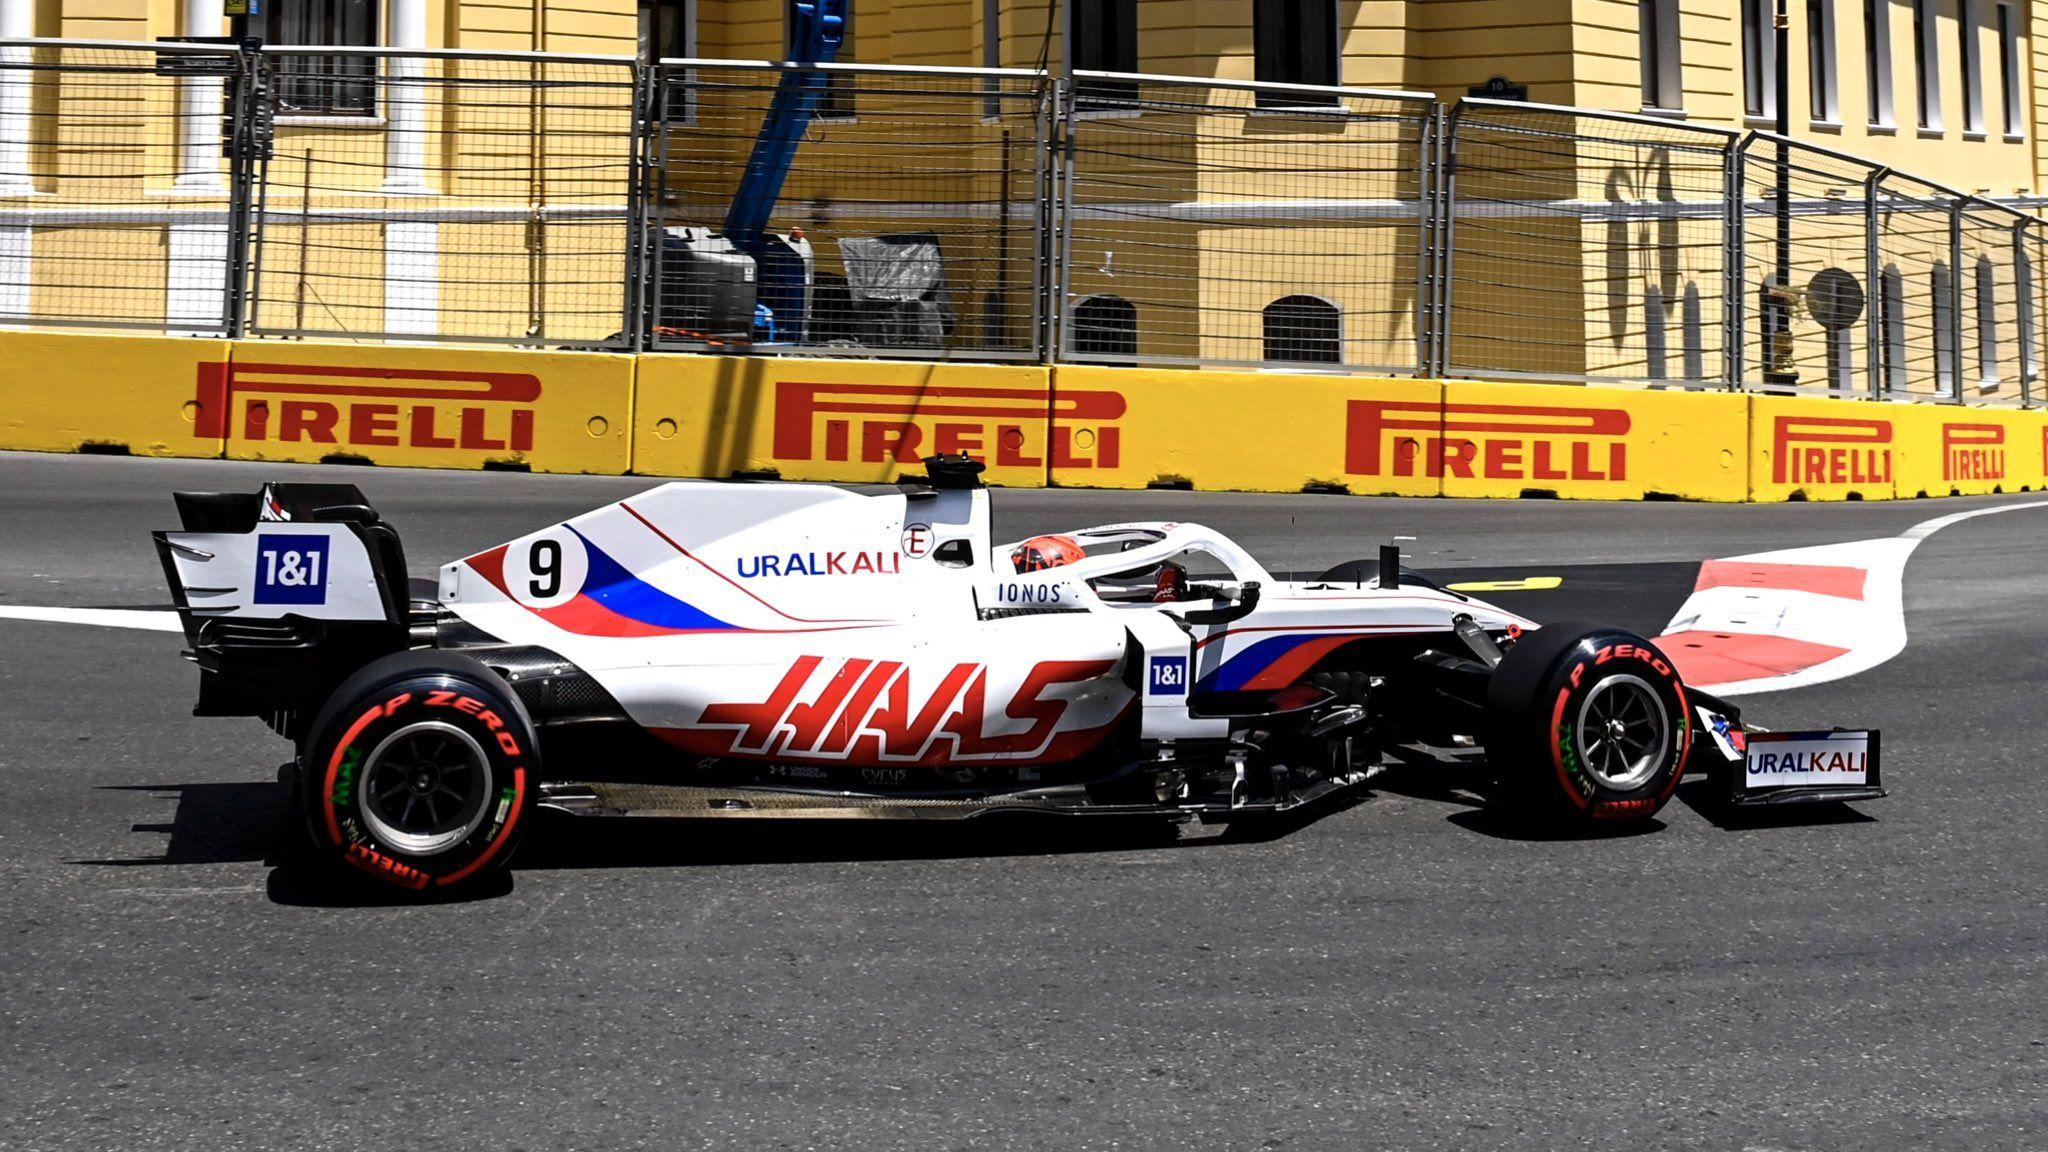 Nikita Mazepin, Haas, F1